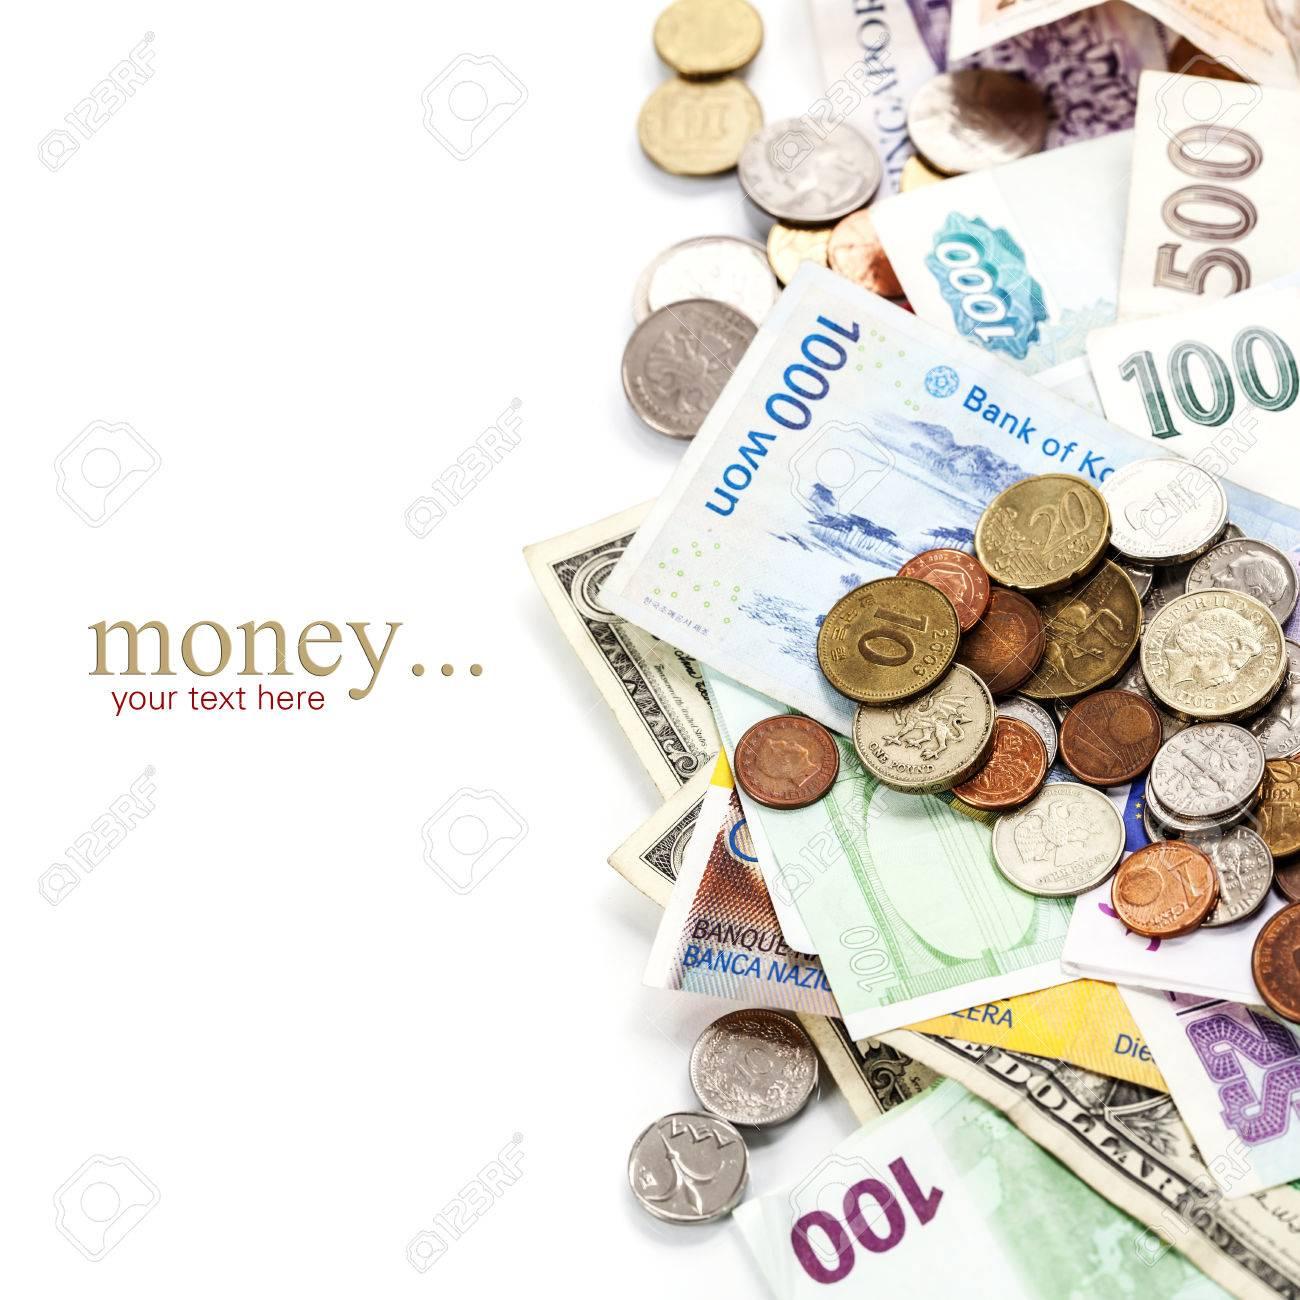 Ausländische Münzen Und Banknoten Lizenzfreie Fotos Bilder Und